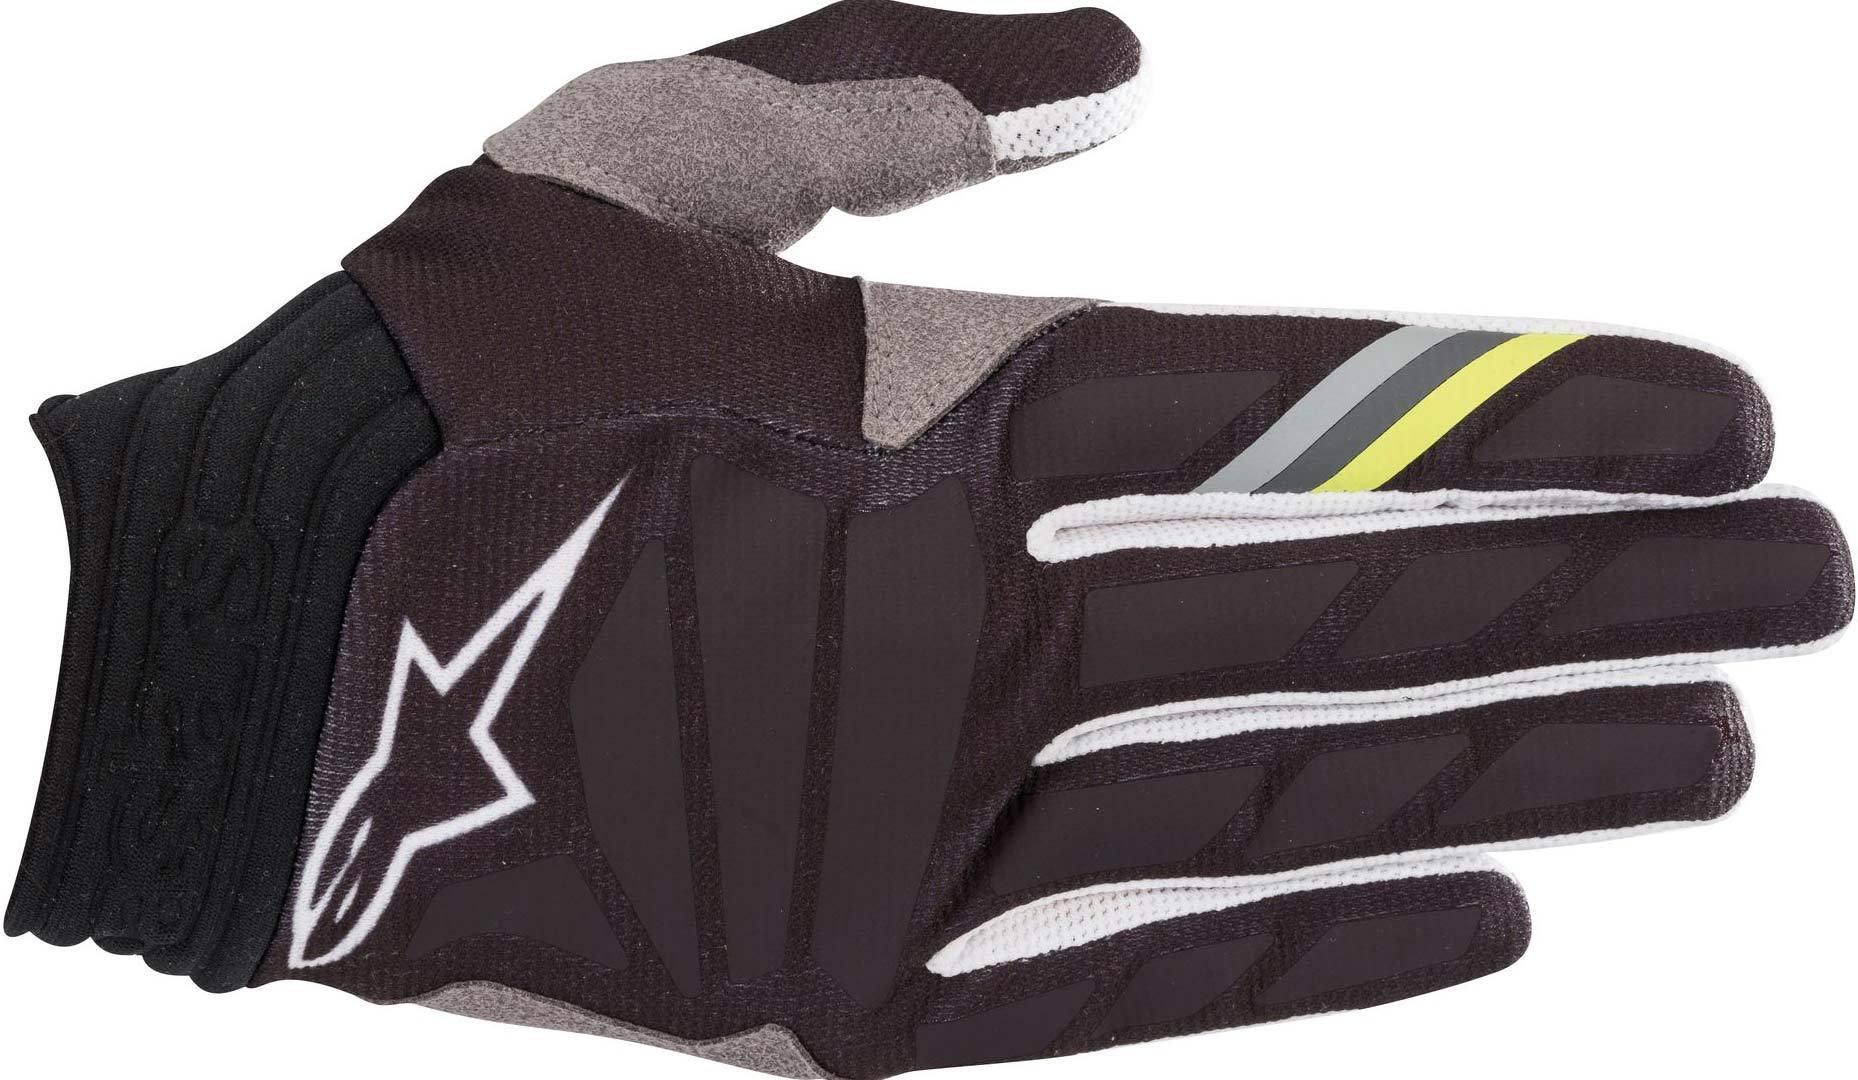 Alpinestars Aviator Motocross Gloves Black Grey 2XL